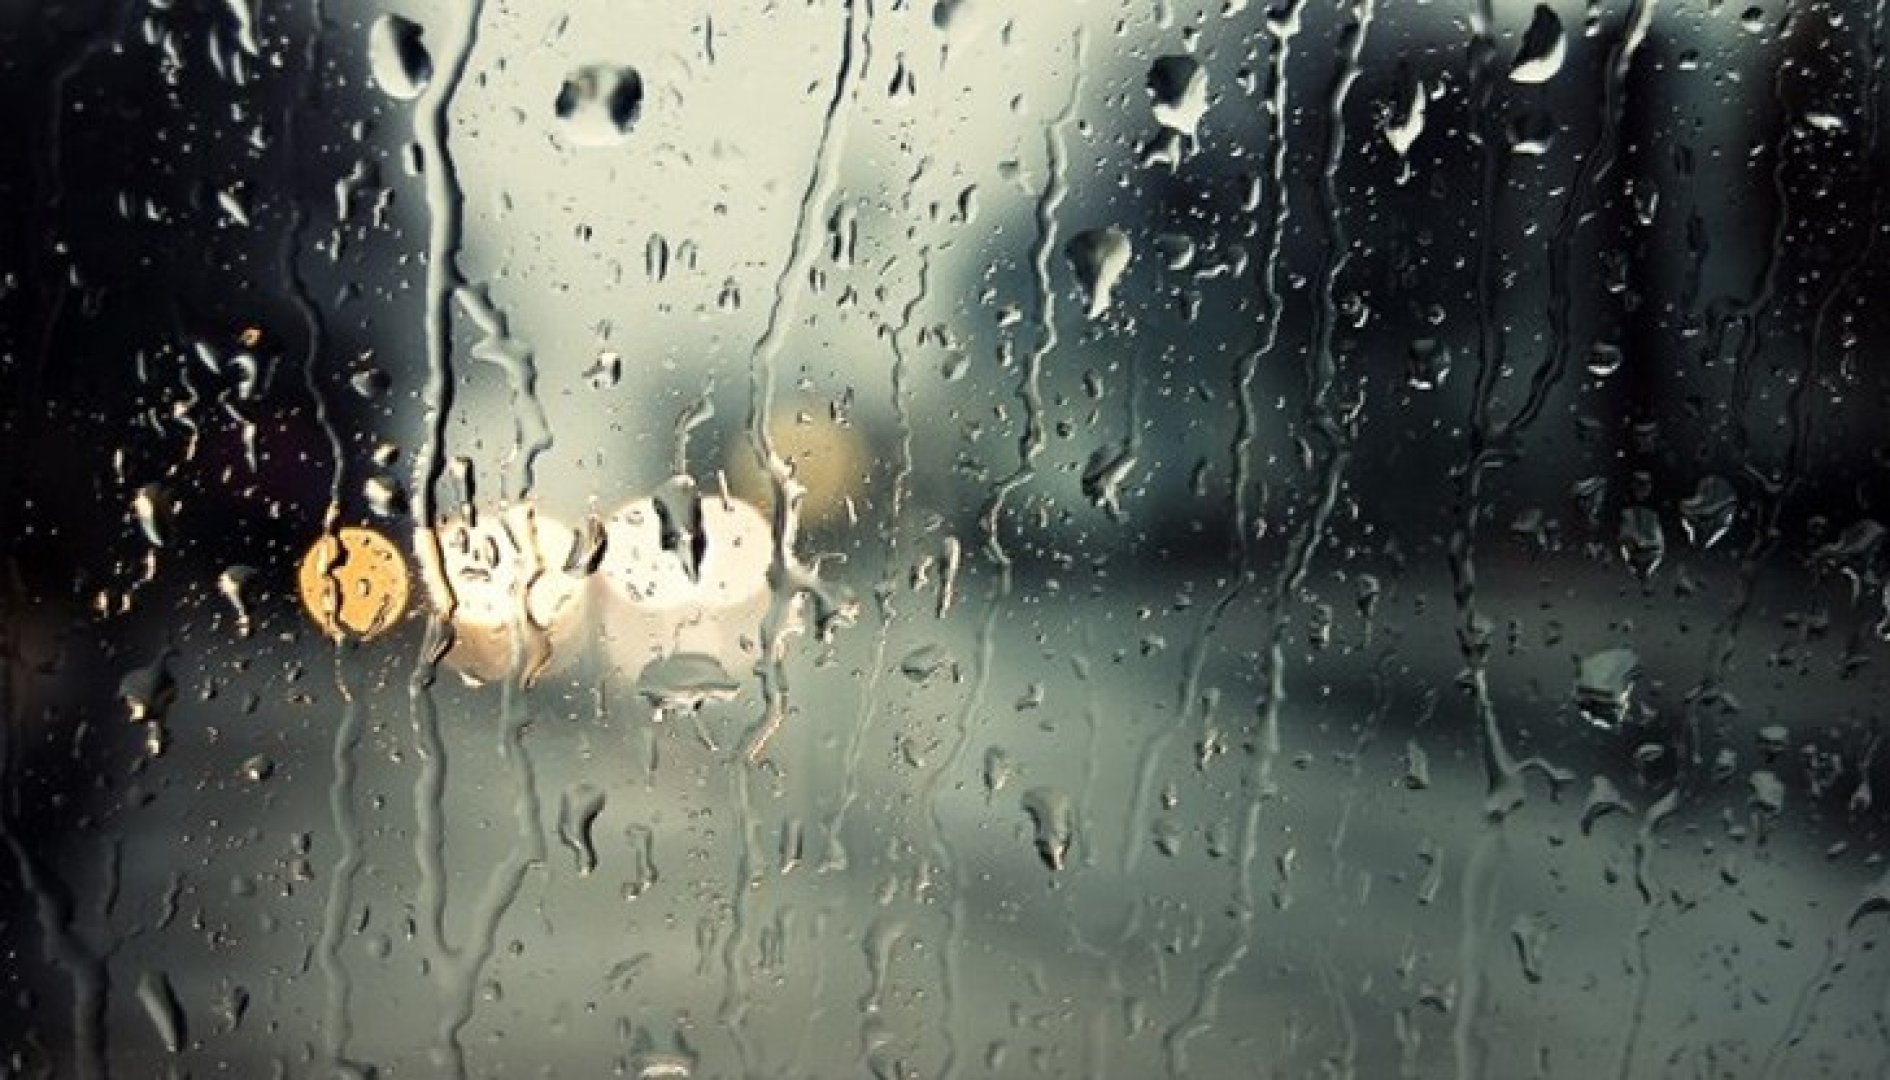 Пътищата в общината са мокри, но не са заляти от вода. Снимката е илюстративна